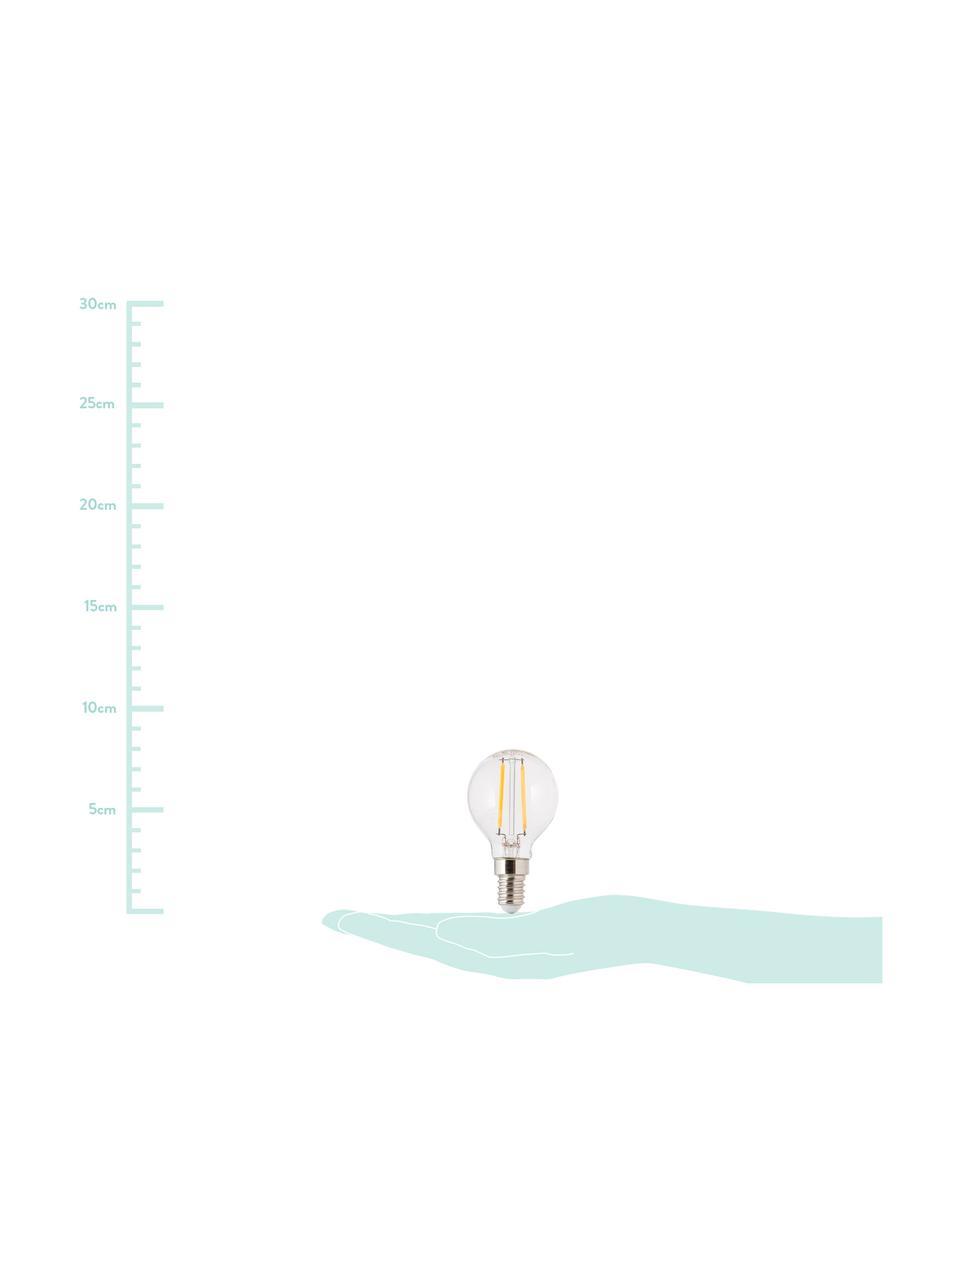 Ampoule LED E14 blanc chaud 2,5W, 1 pièce, Transparent